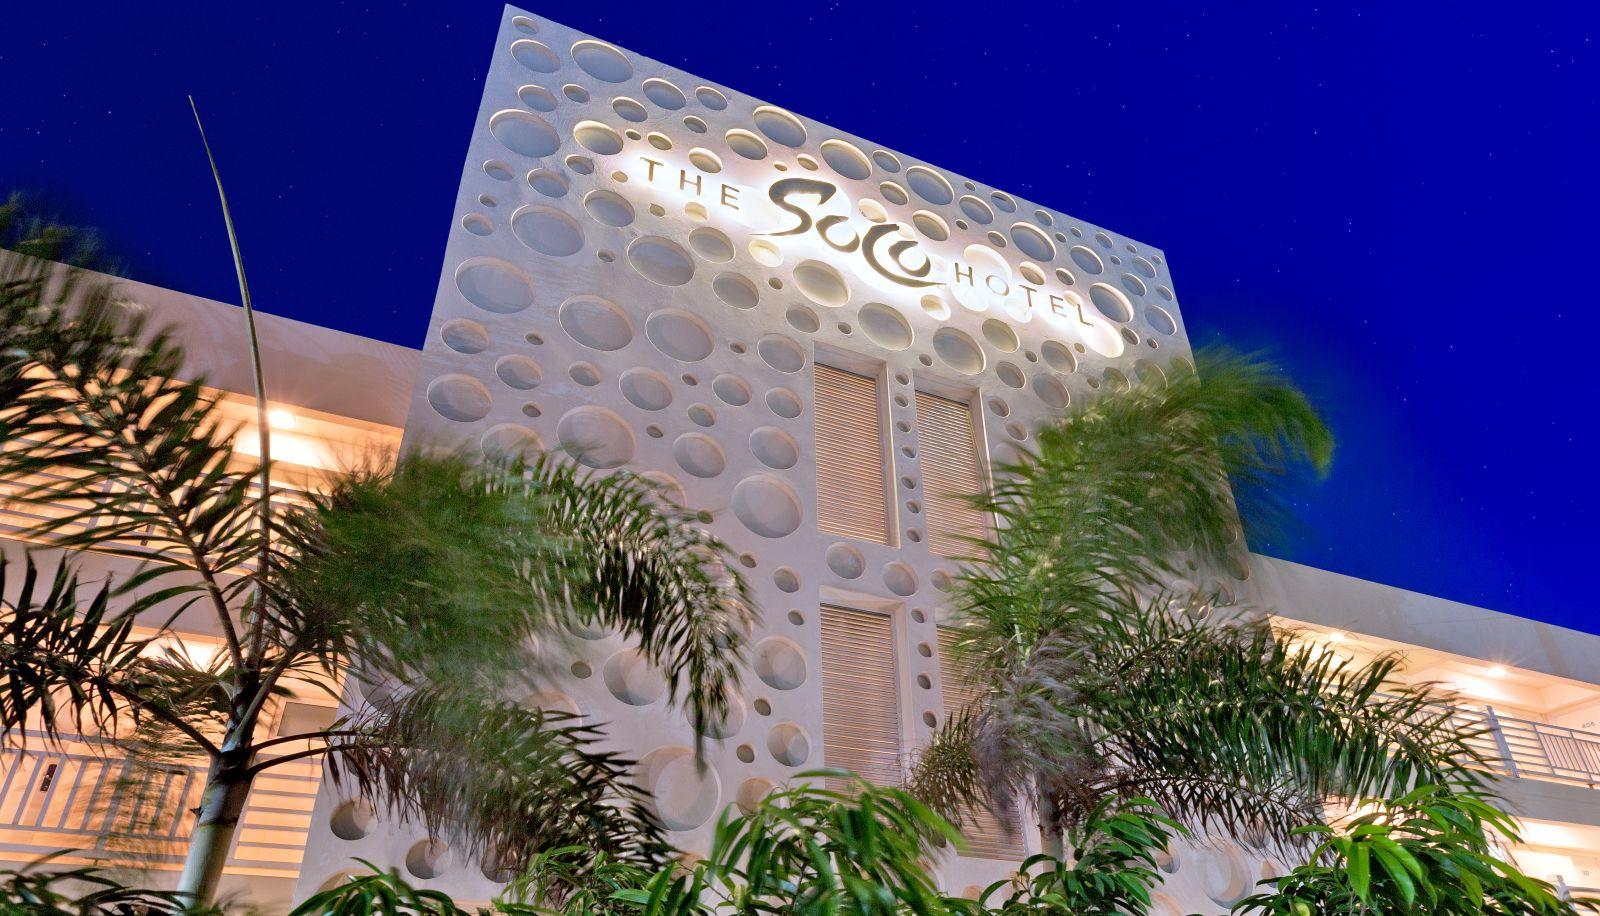 Soco House St Lucia